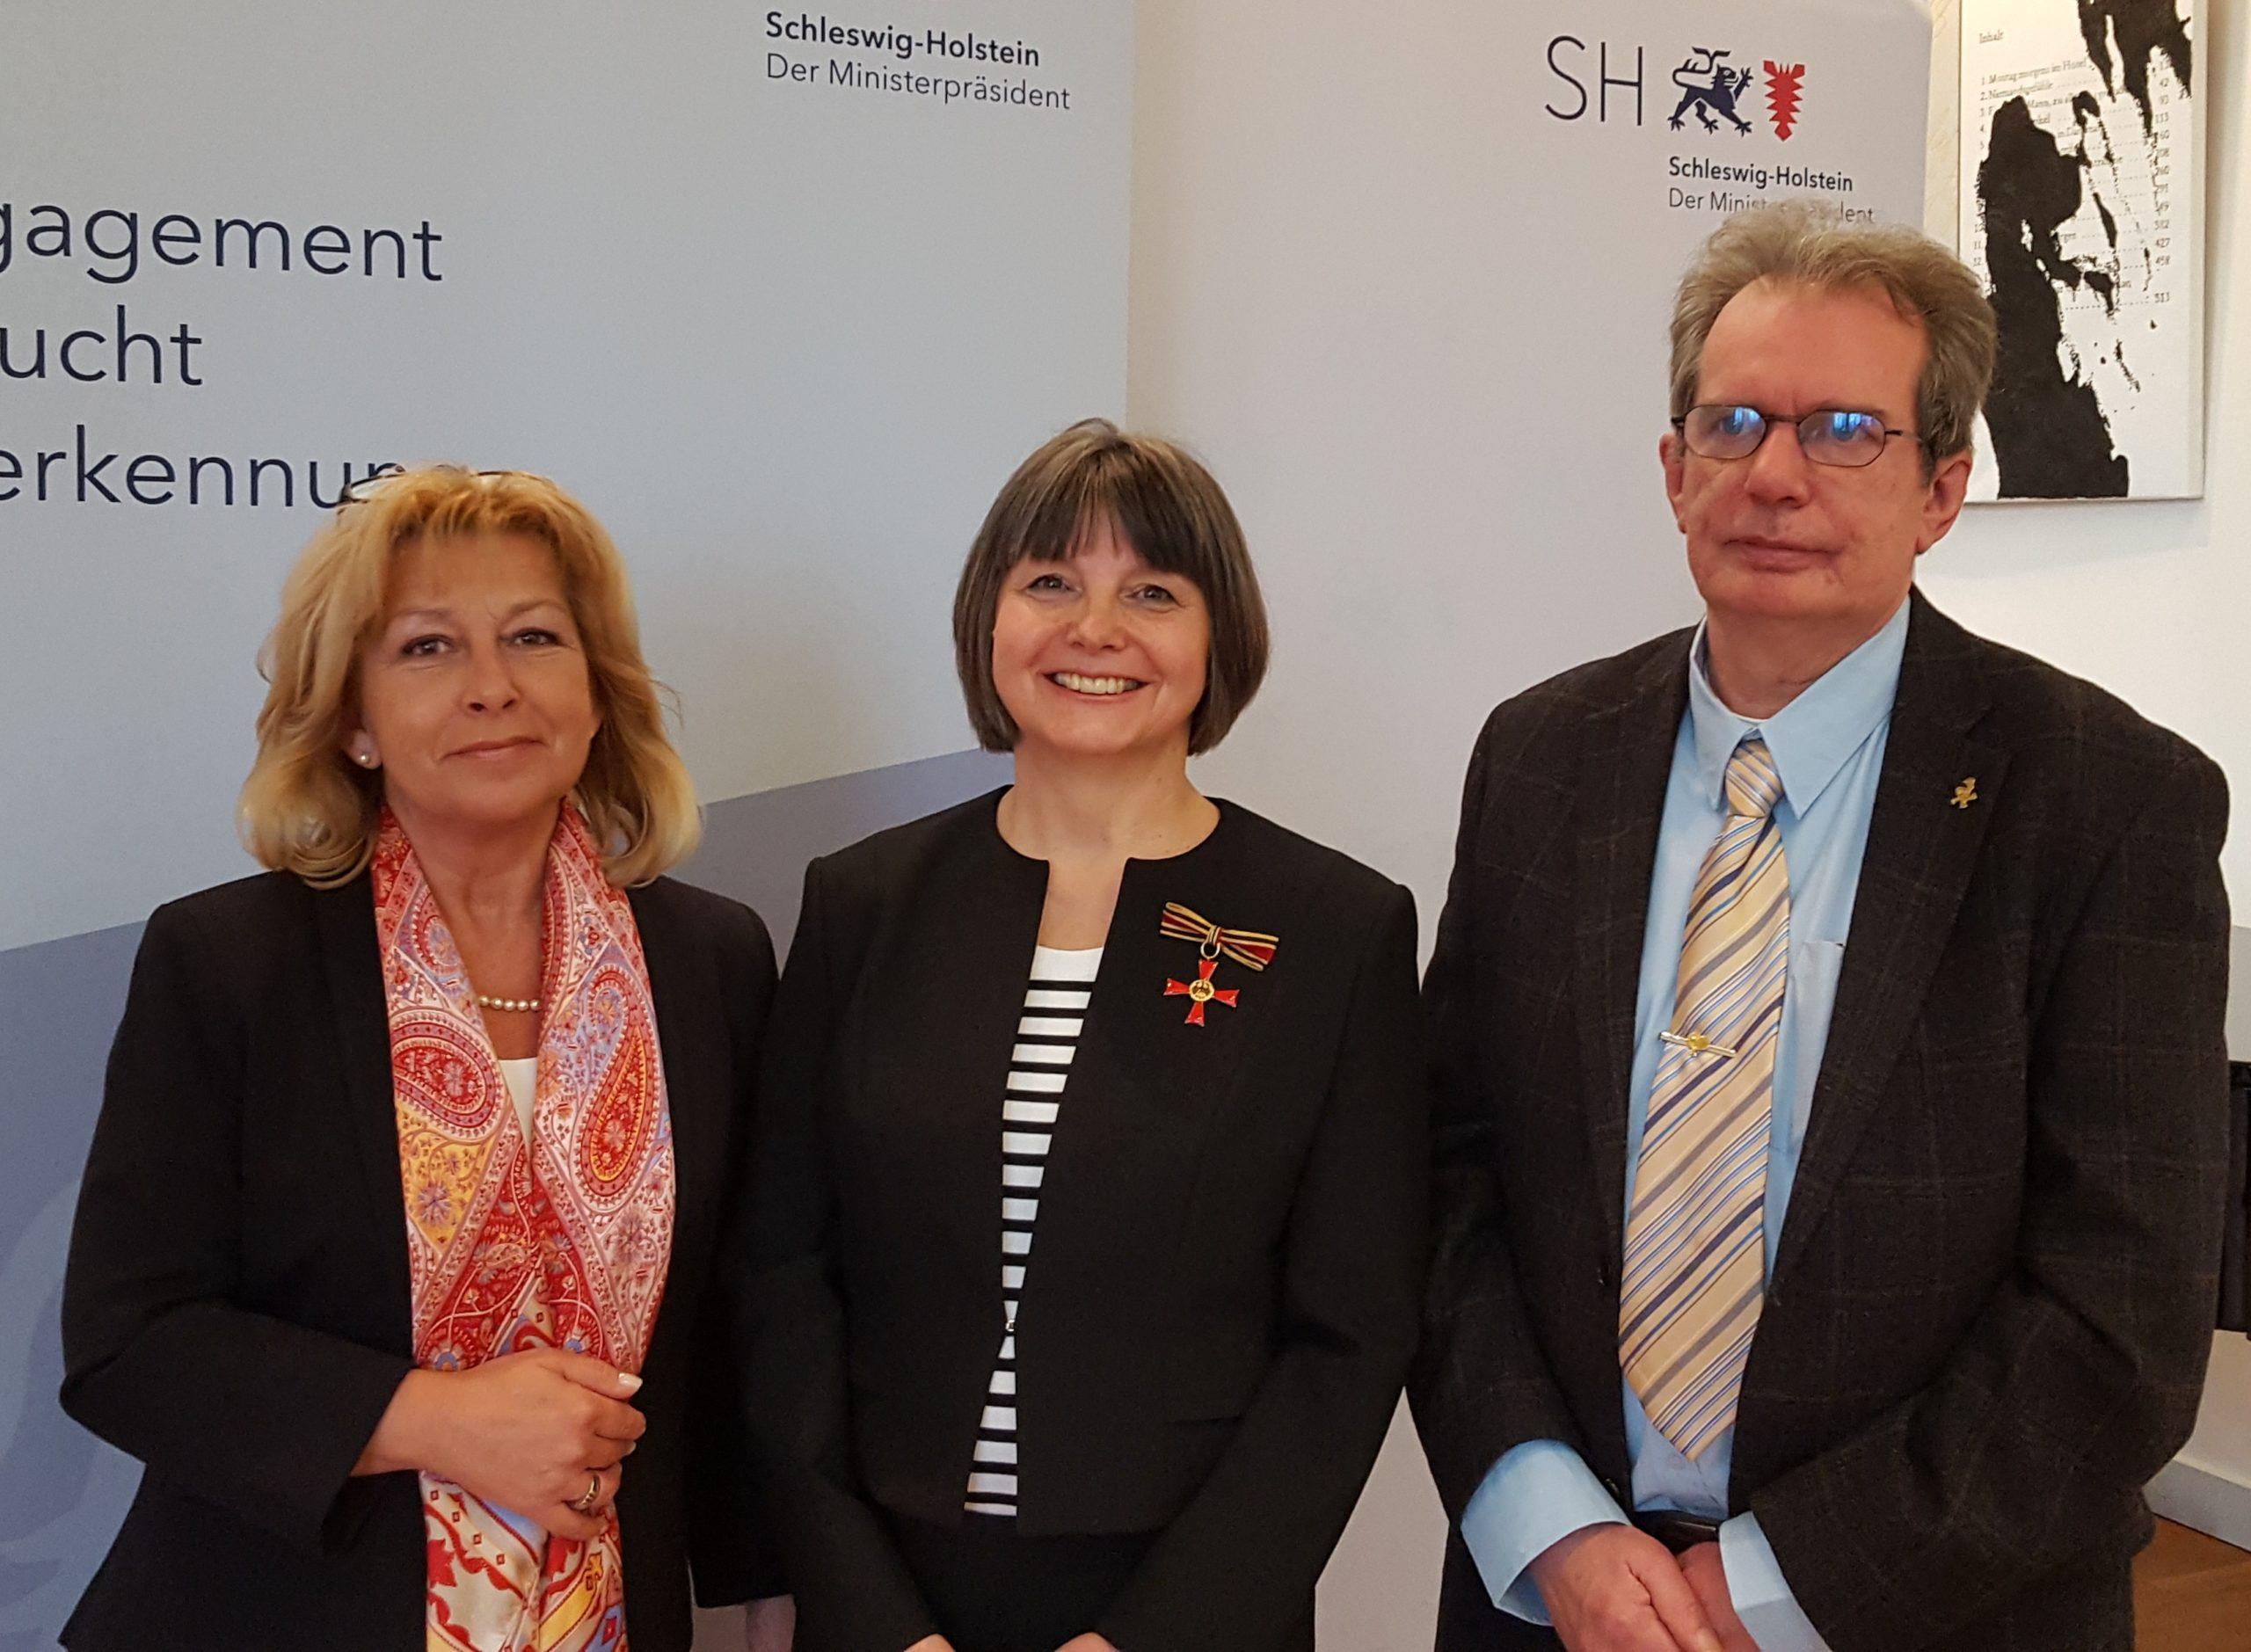 Bürgermeisterin Andrea Kummerscheidt und Stellvertreter Kay Eggers gratulierten im Namen der Stadt Garding gleich nach der Ehrung